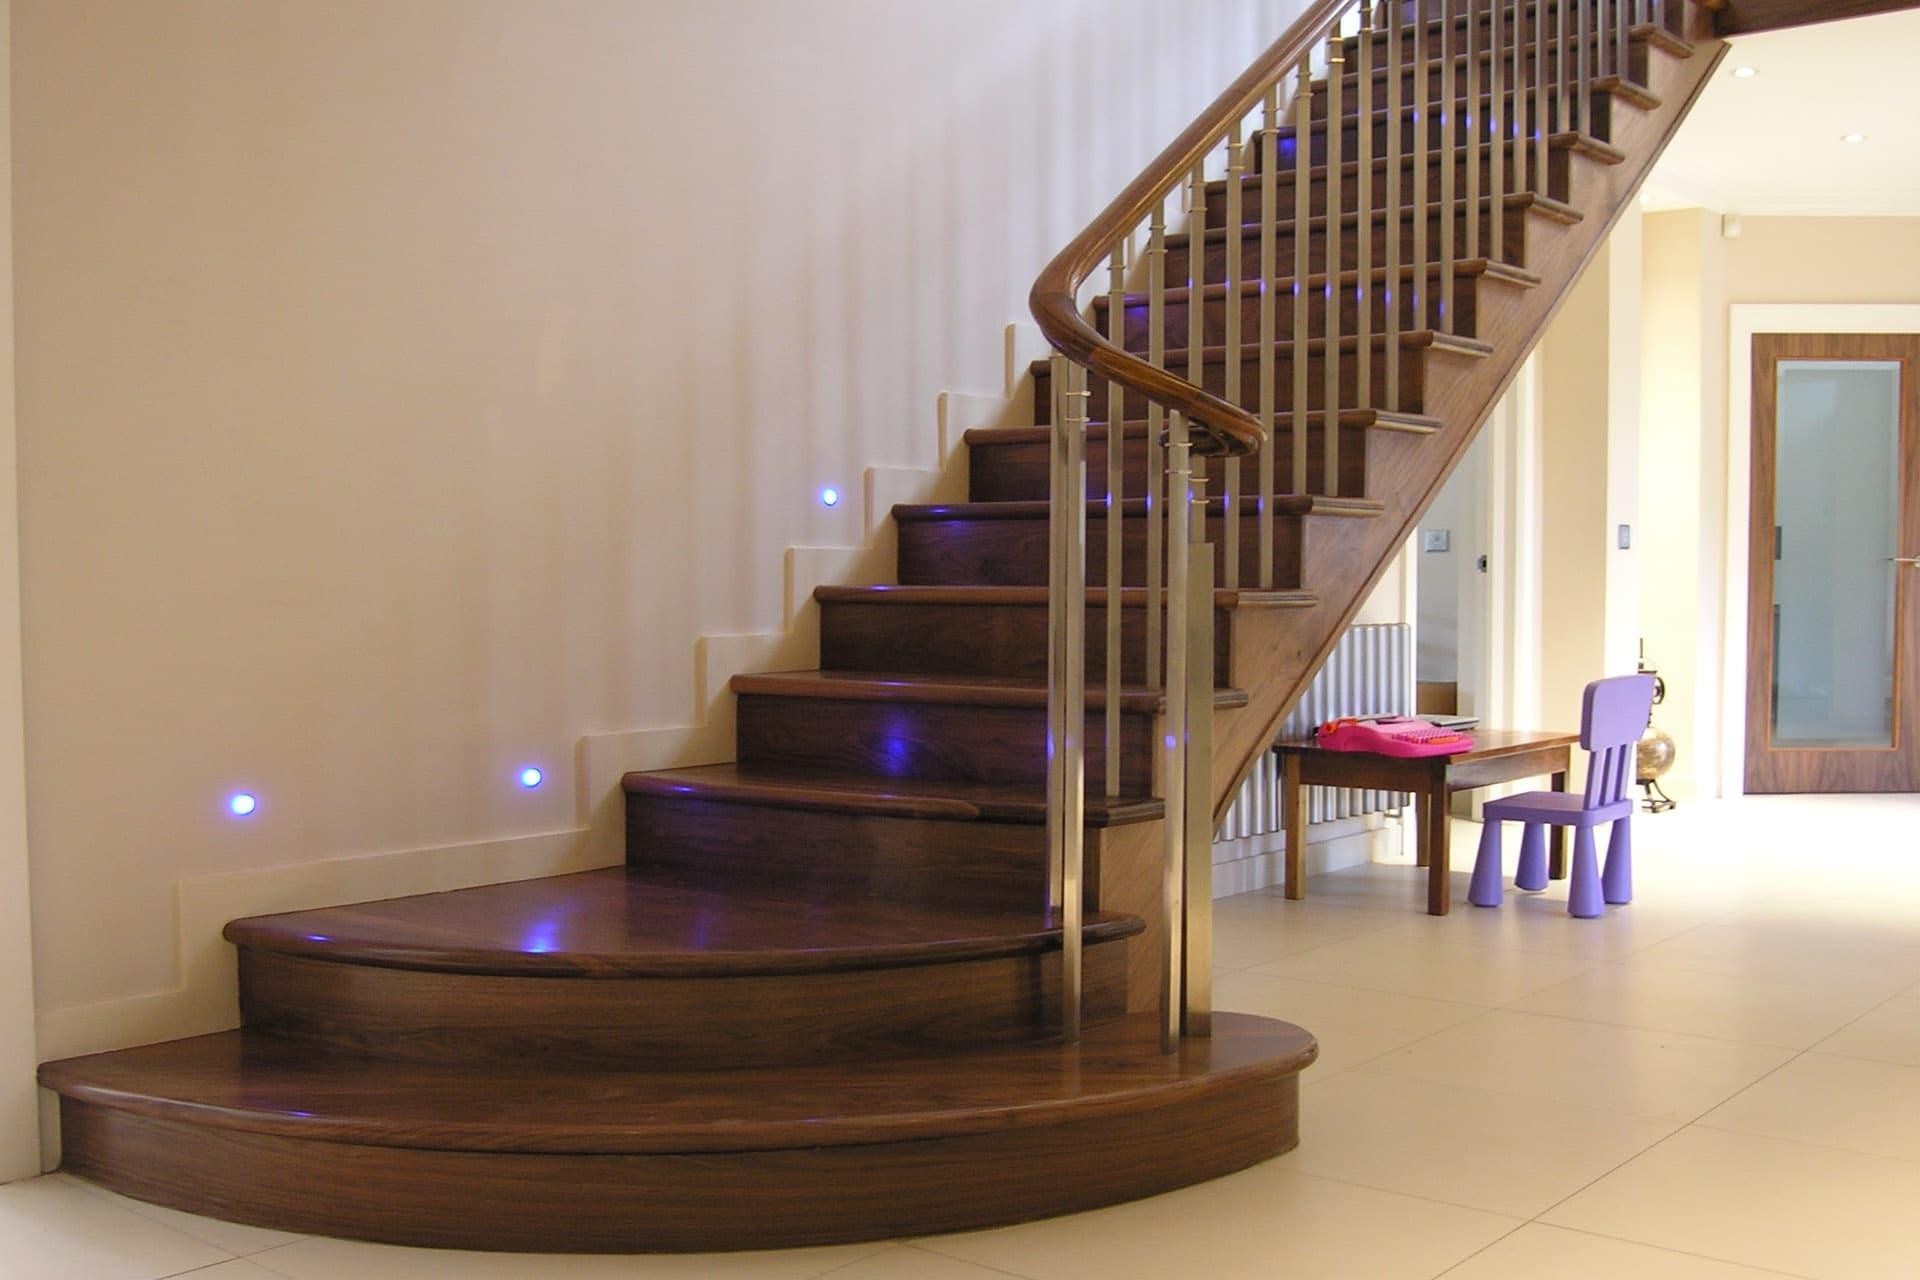 Cum să planifici o scară la mansardă. Cum să faci singur o scară la mansardă: planuri și calcul